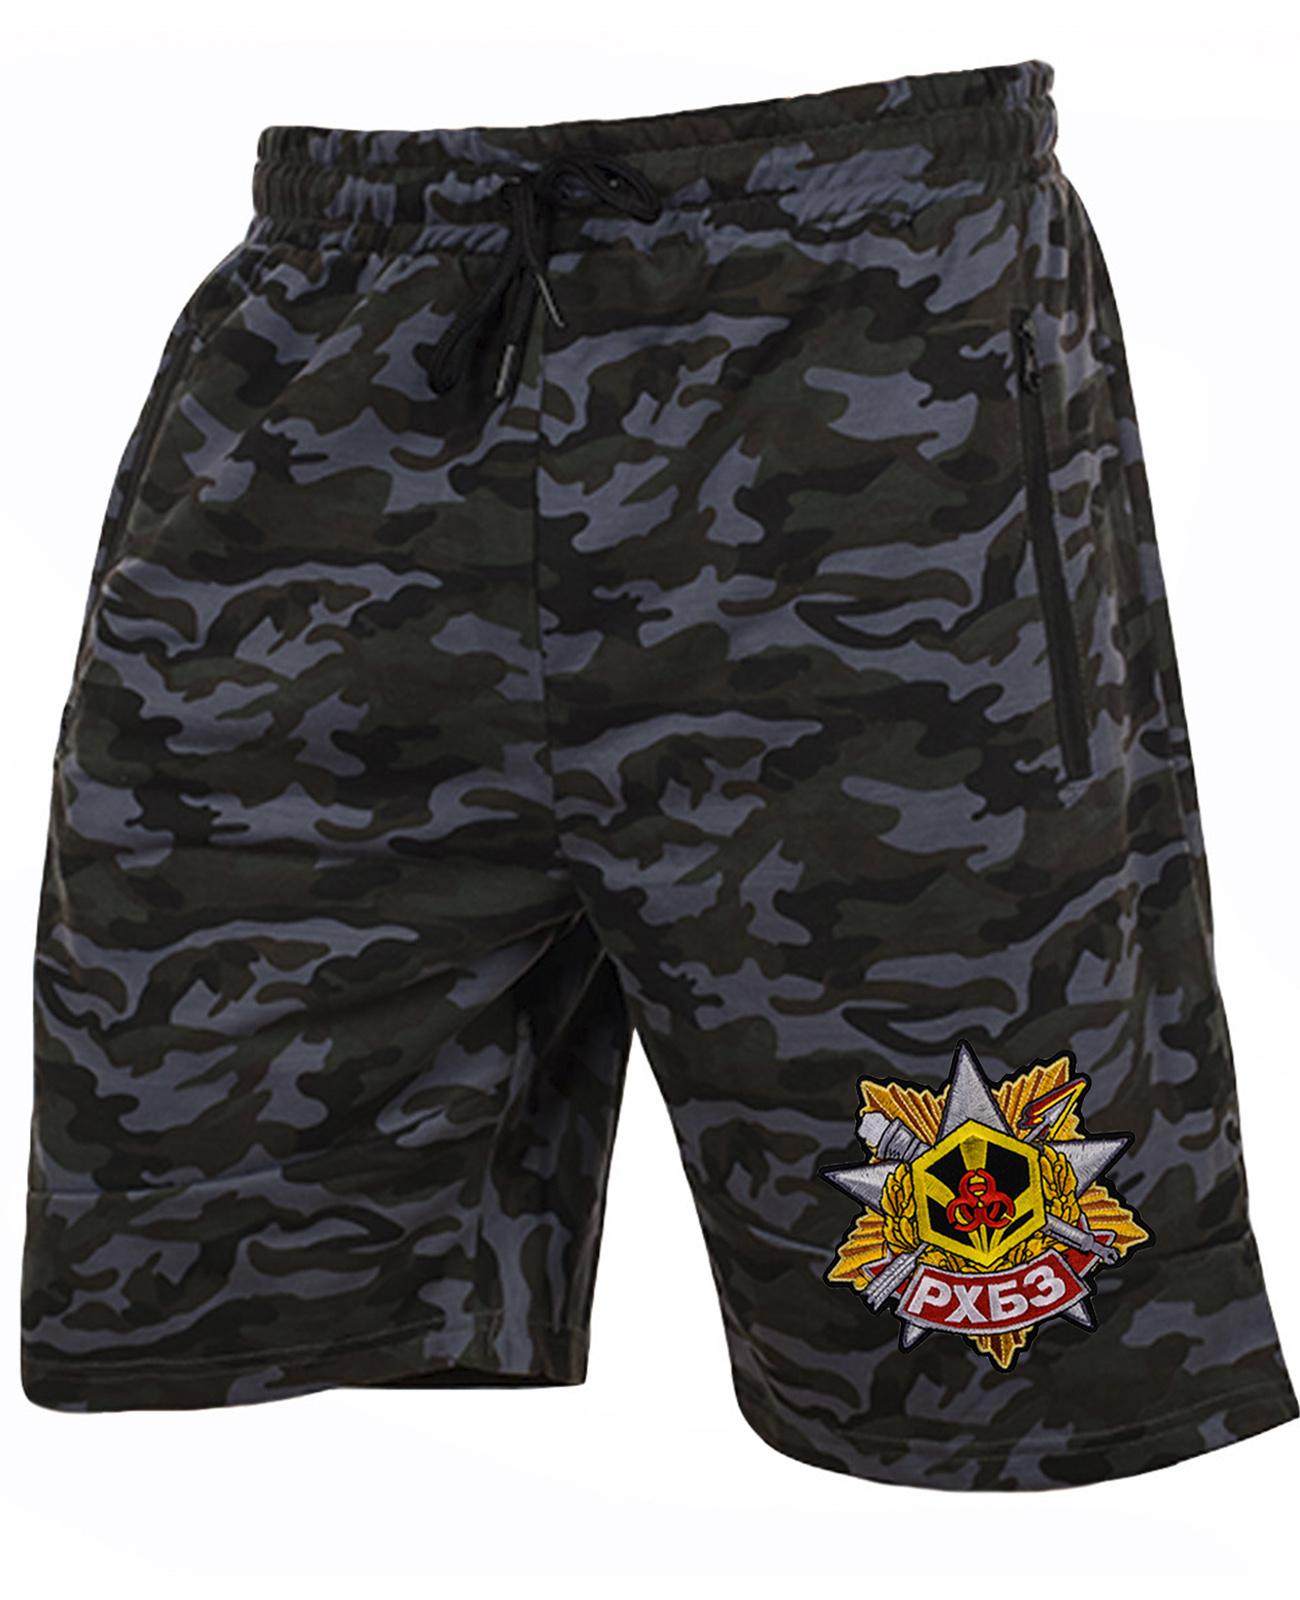 Военные камуфляжные шорты с нашивкой РХБЗ